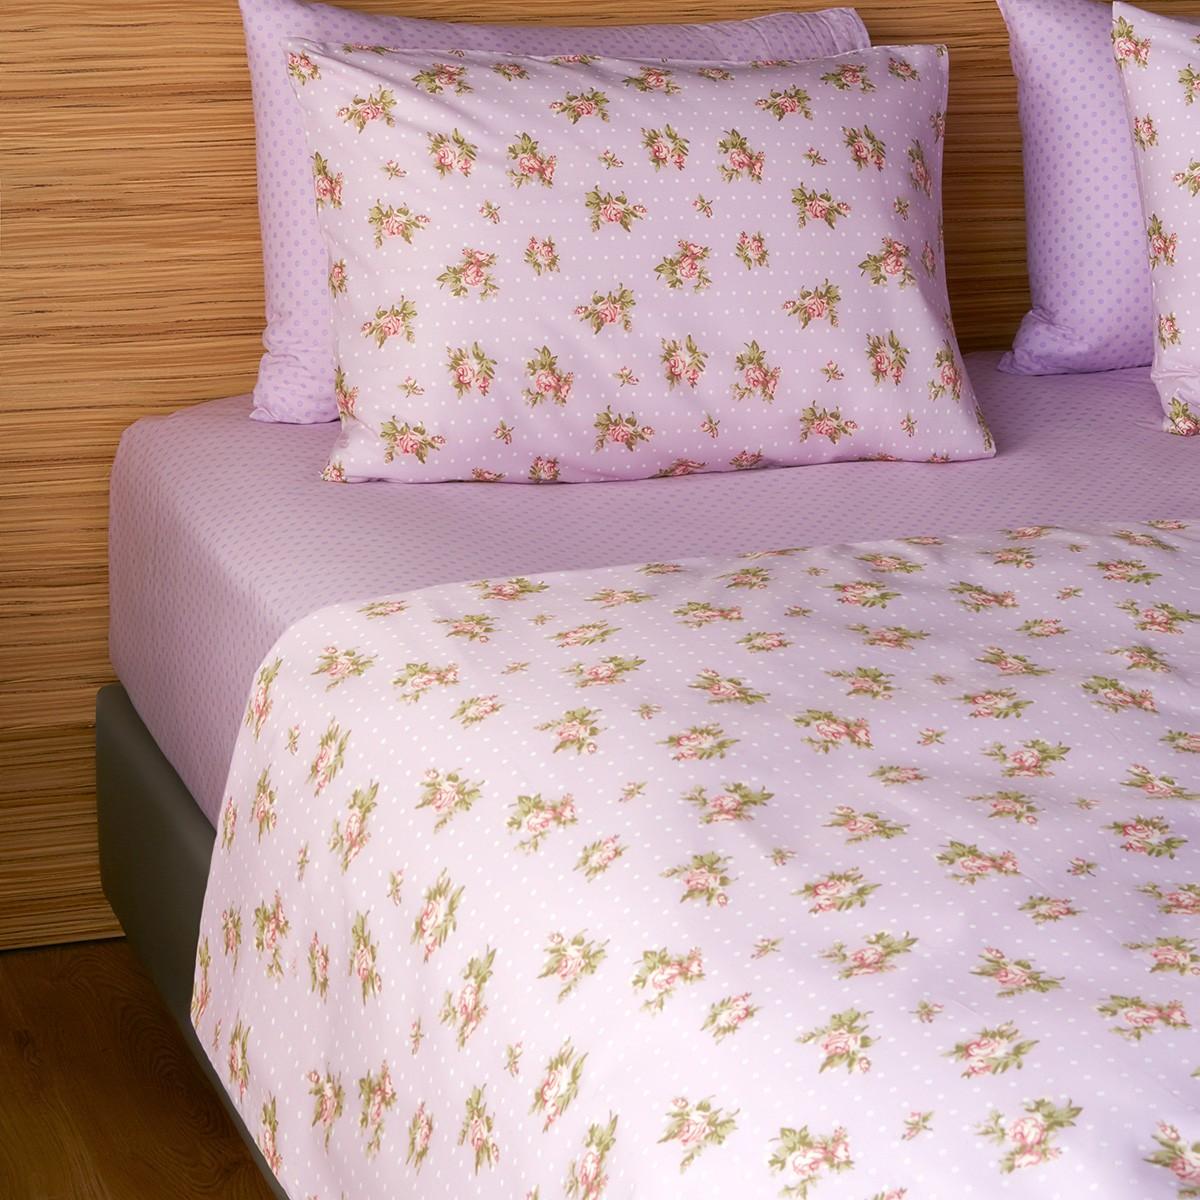 Σεντόνια Υπέρδιπλα (Σετ) Melinen 12749 Lilac